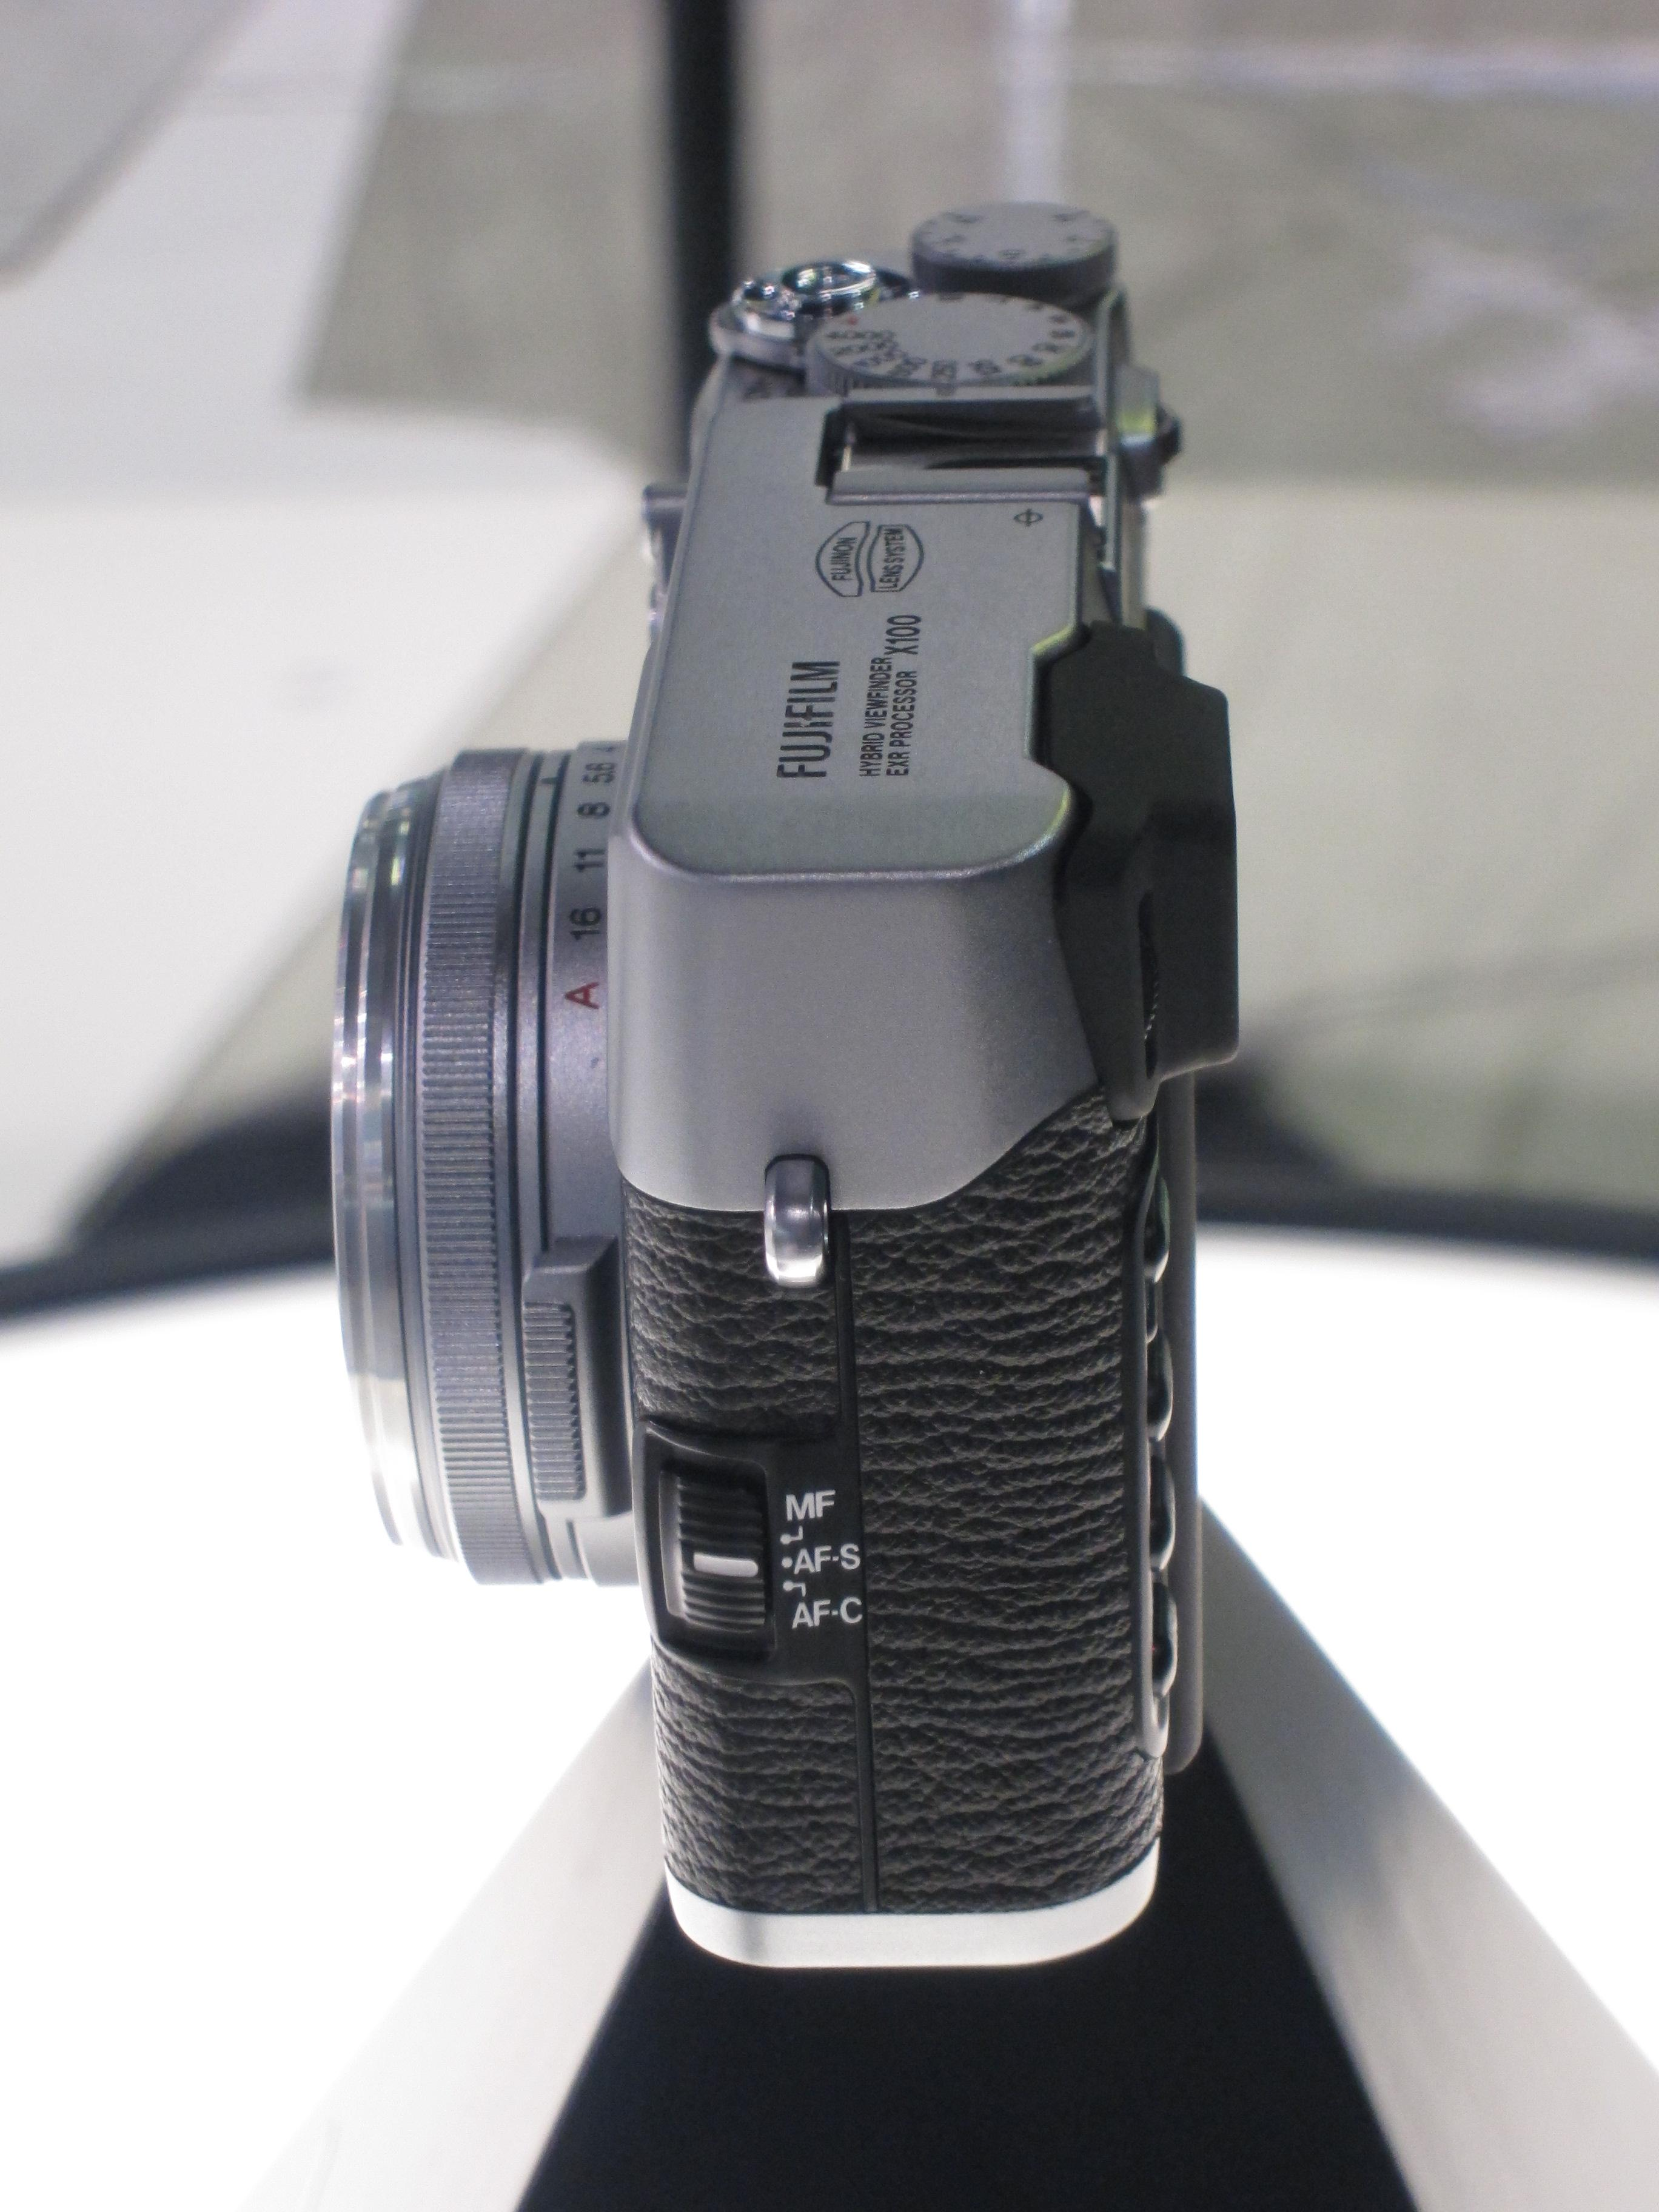 Prototype av Finepix X100. Legg merke til bryteren for å velge fokus.